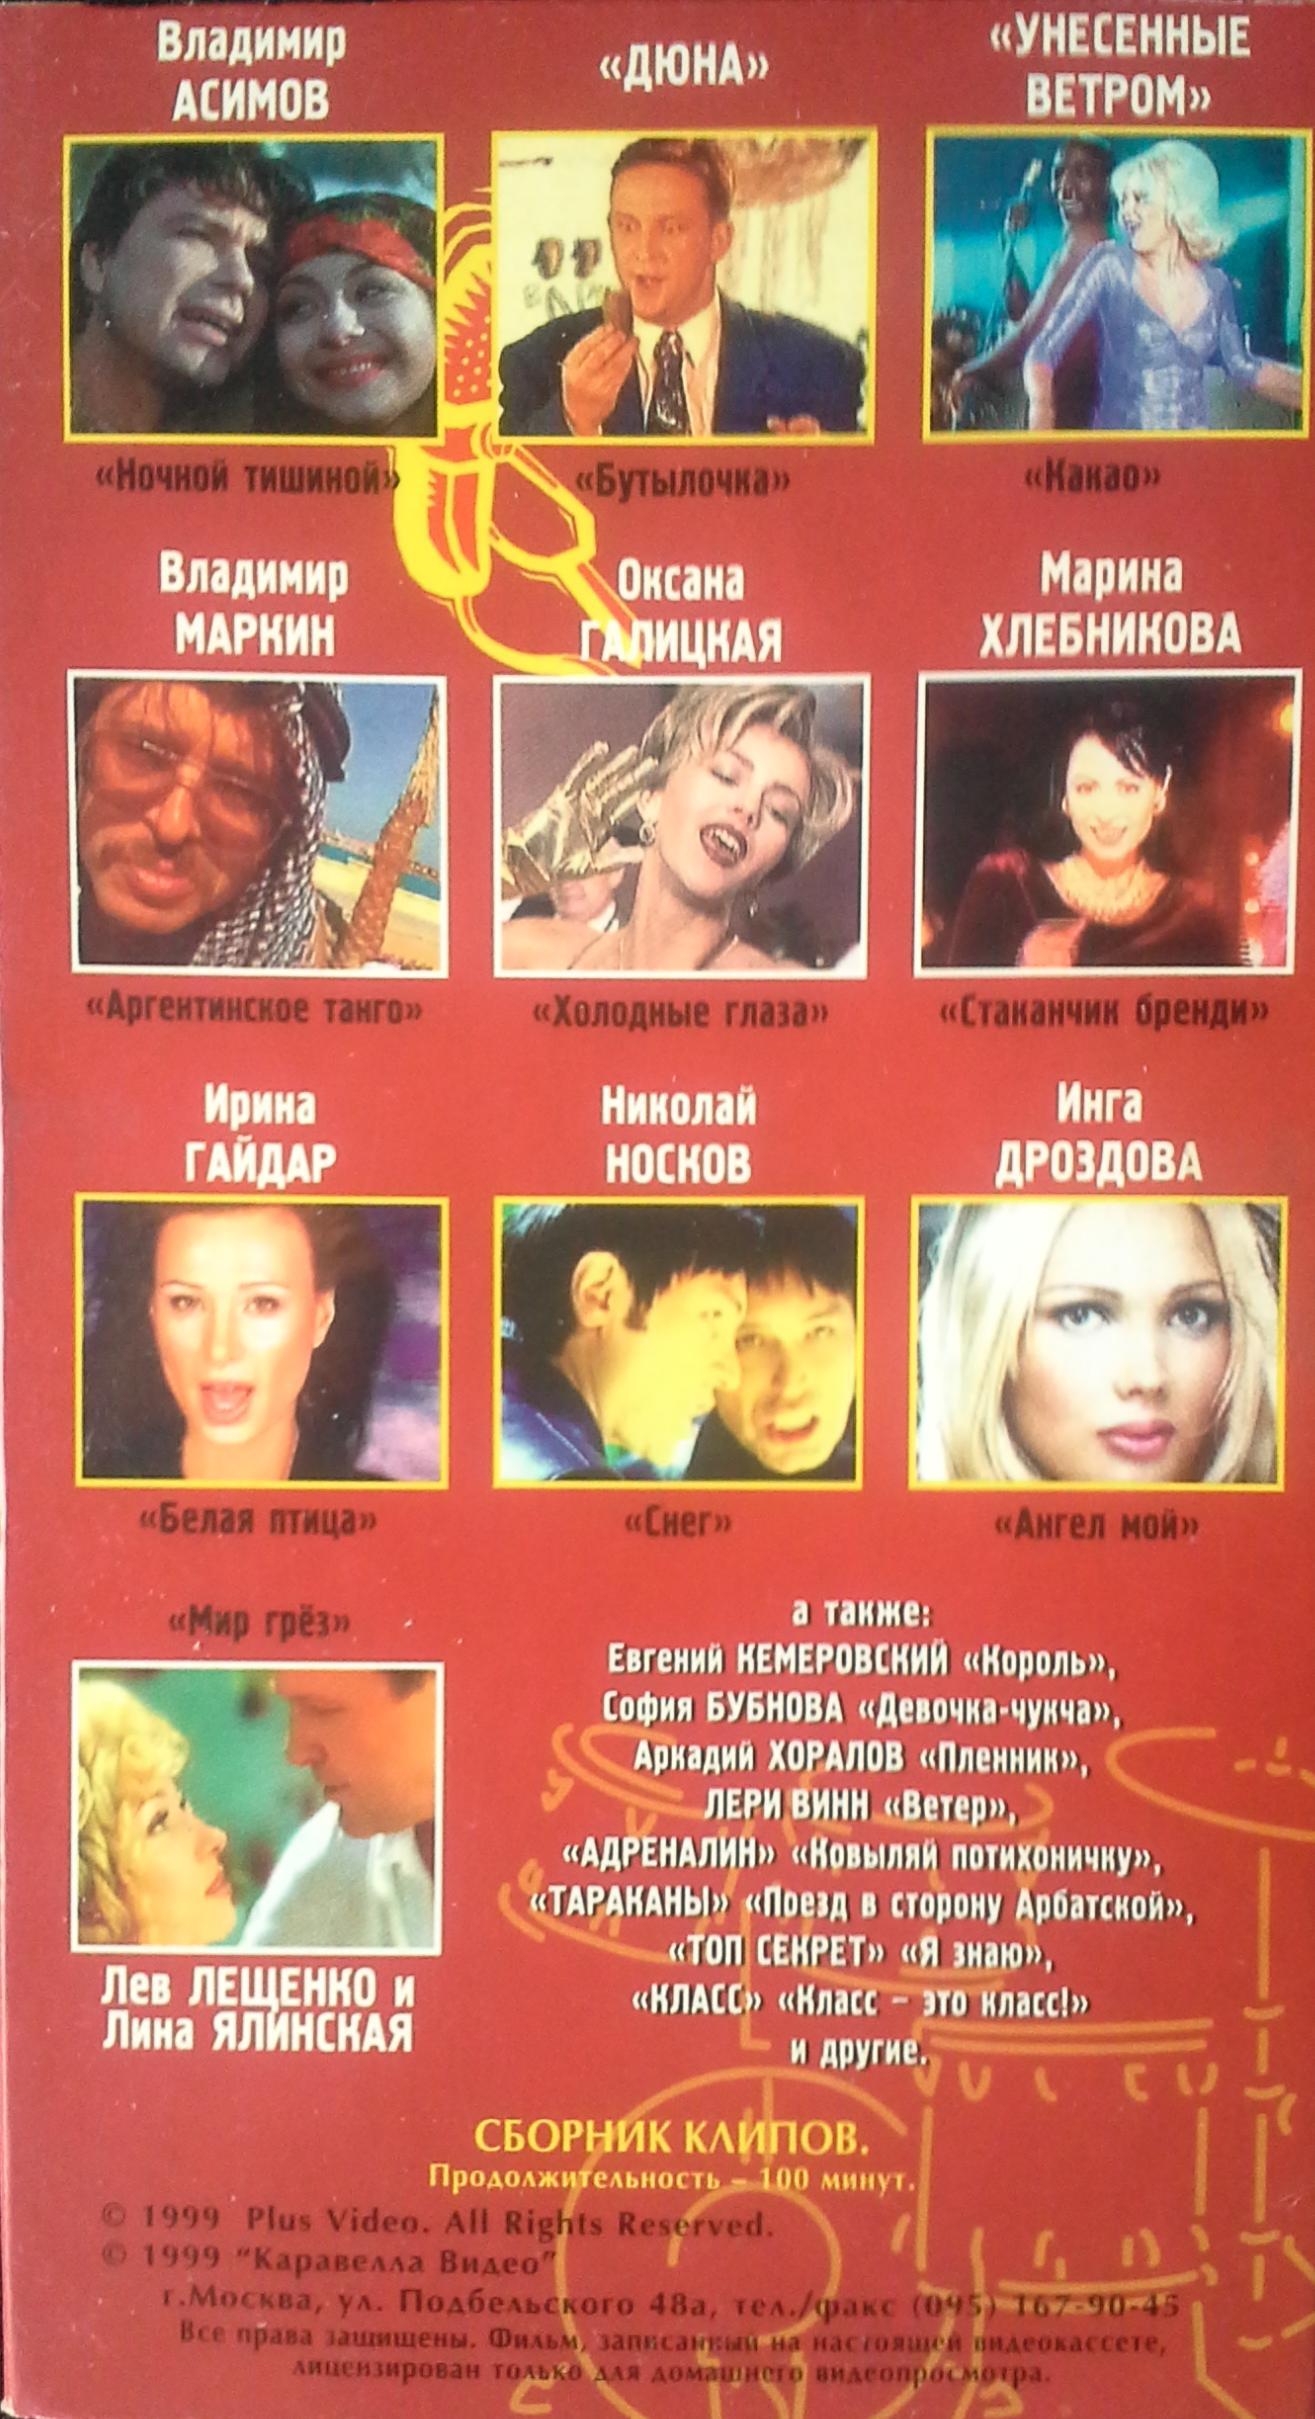 Музыкальная Коллекция - Лучшие Российские Клипы (Февраль 1999) (1)2.jpg